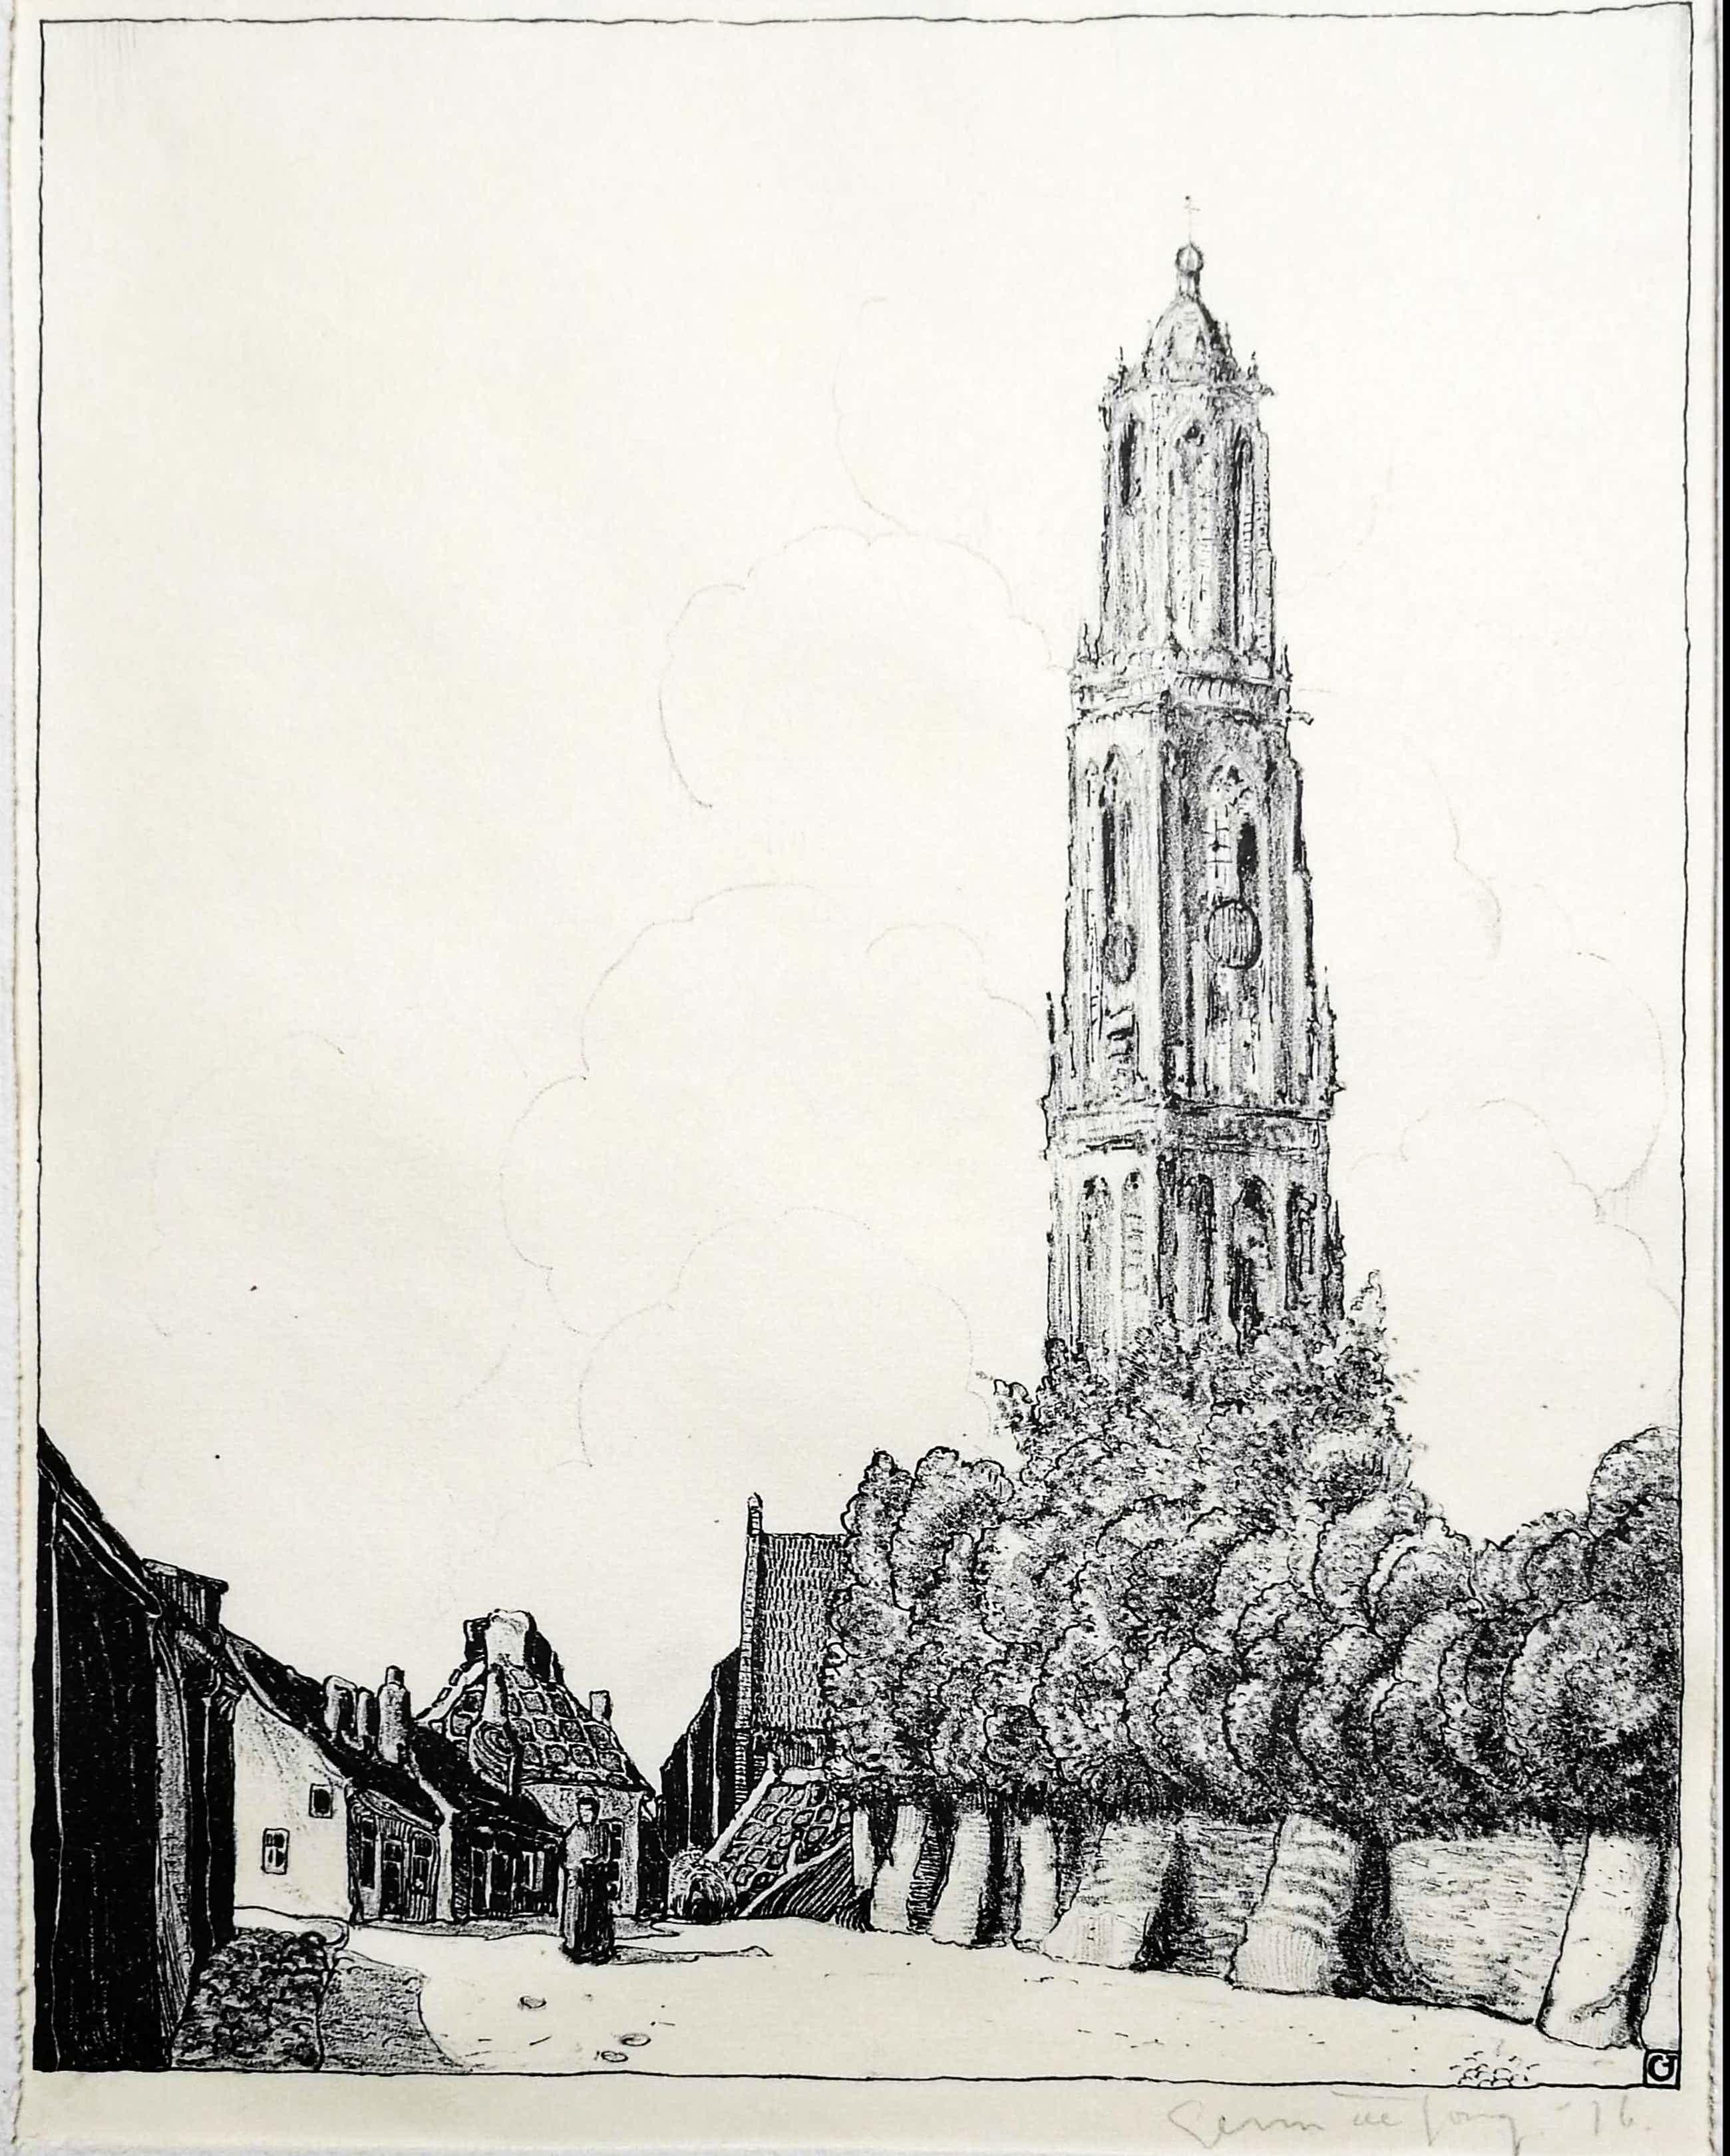 Germ de Jong - Cunera toren te Rhenen kopen? Bied vanaf 55!